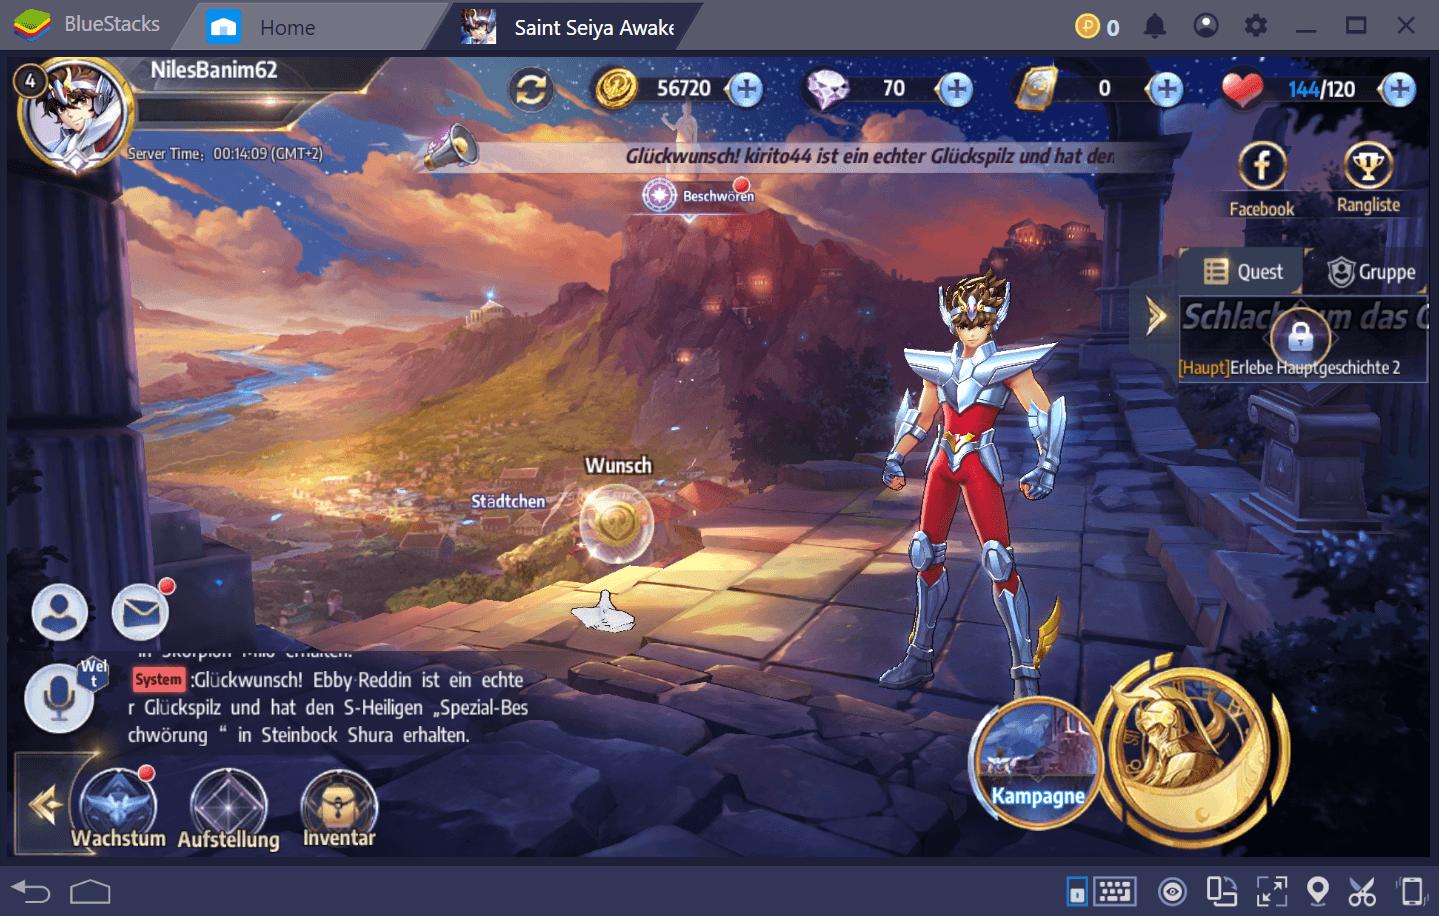 Saint Seiya Awakening: Wie man auf BlueStacks spielt